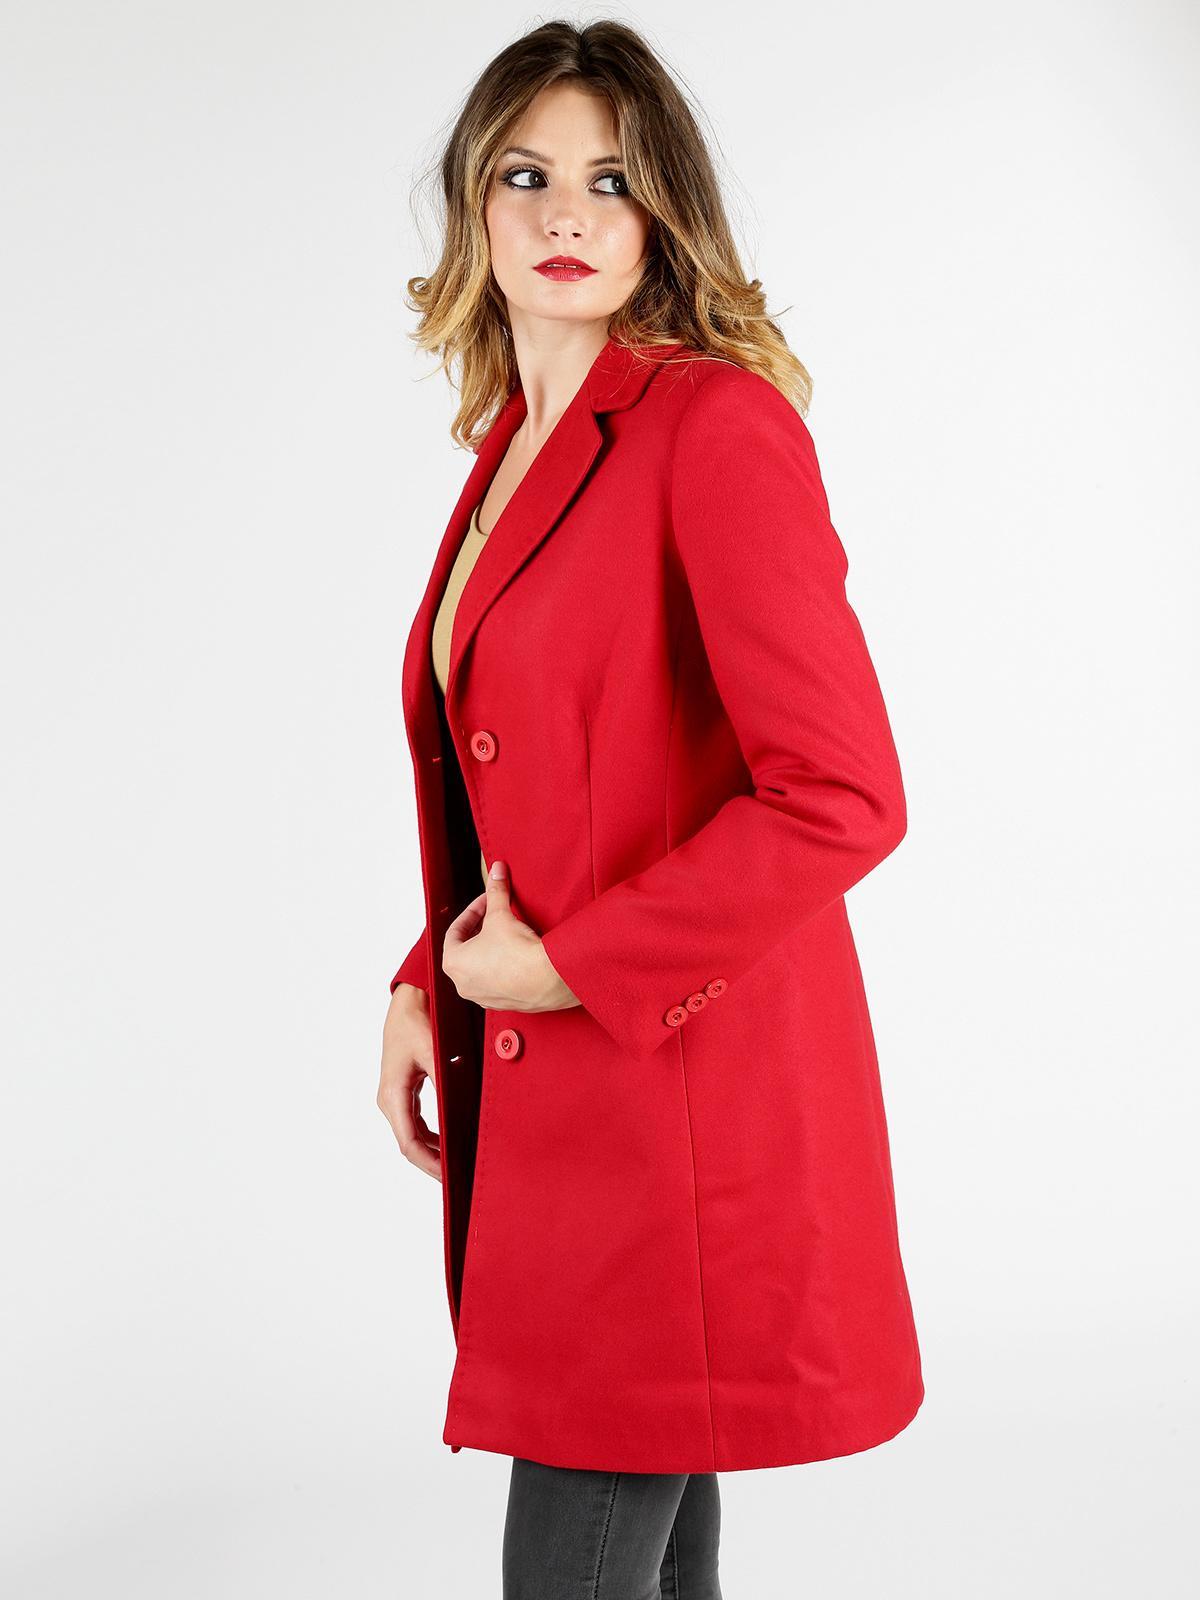 competitive price e0989 6808e Cappotto rosso donna graffio   MecShopping